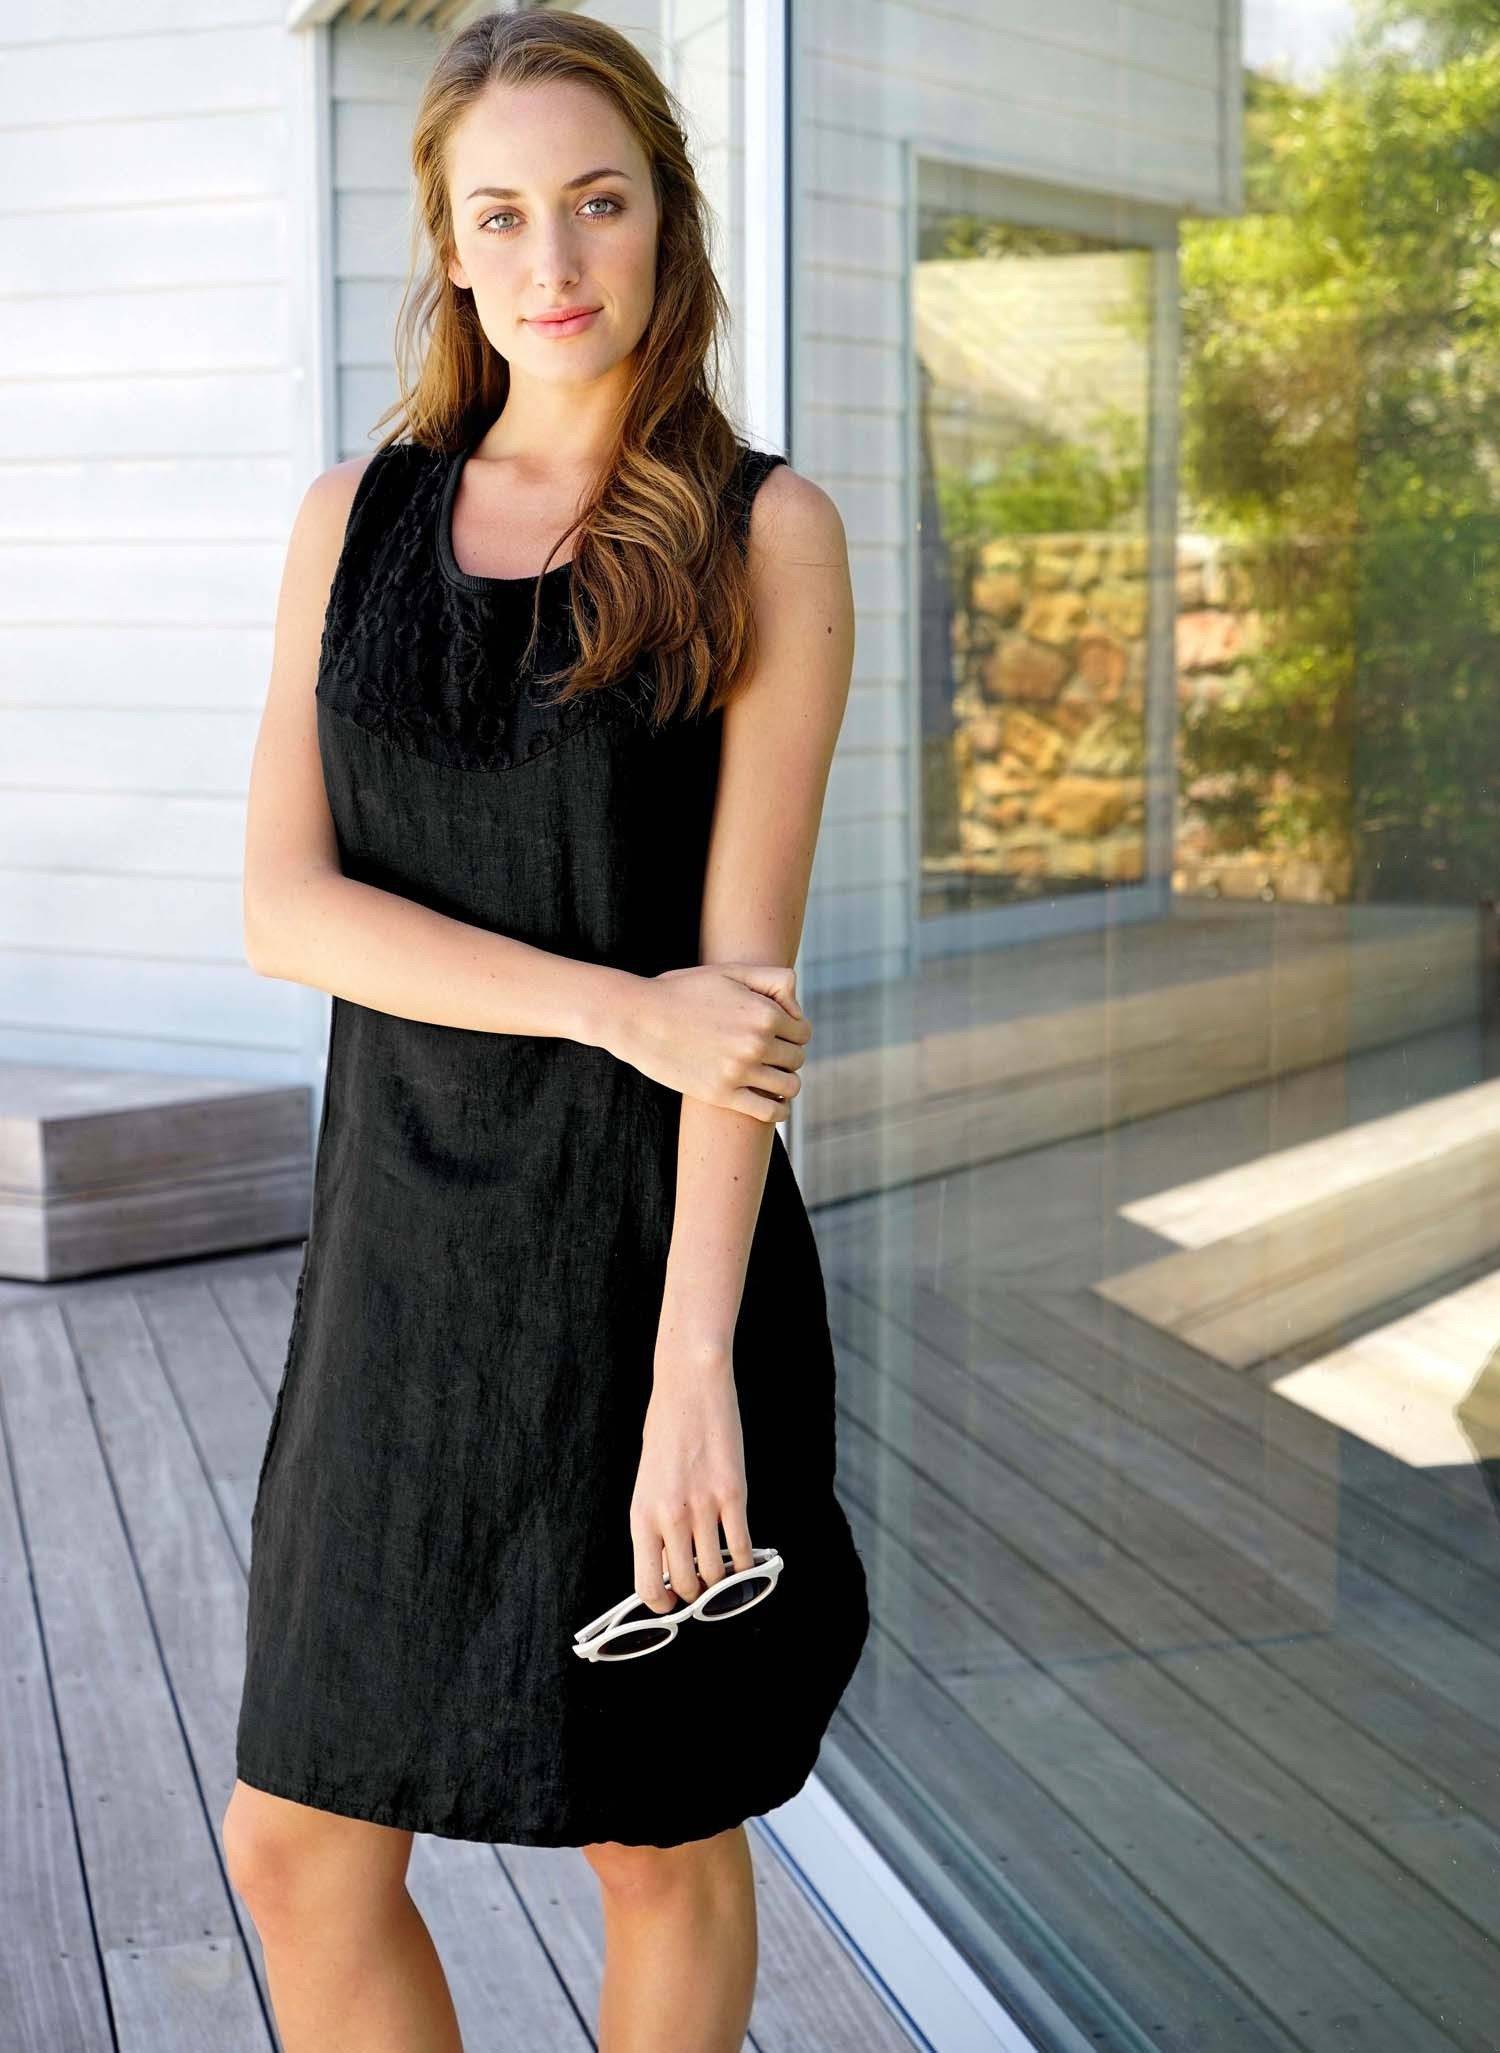 D-Leinen-Kleid,Floral schwarz L 010 - 3 - Ronja.ch